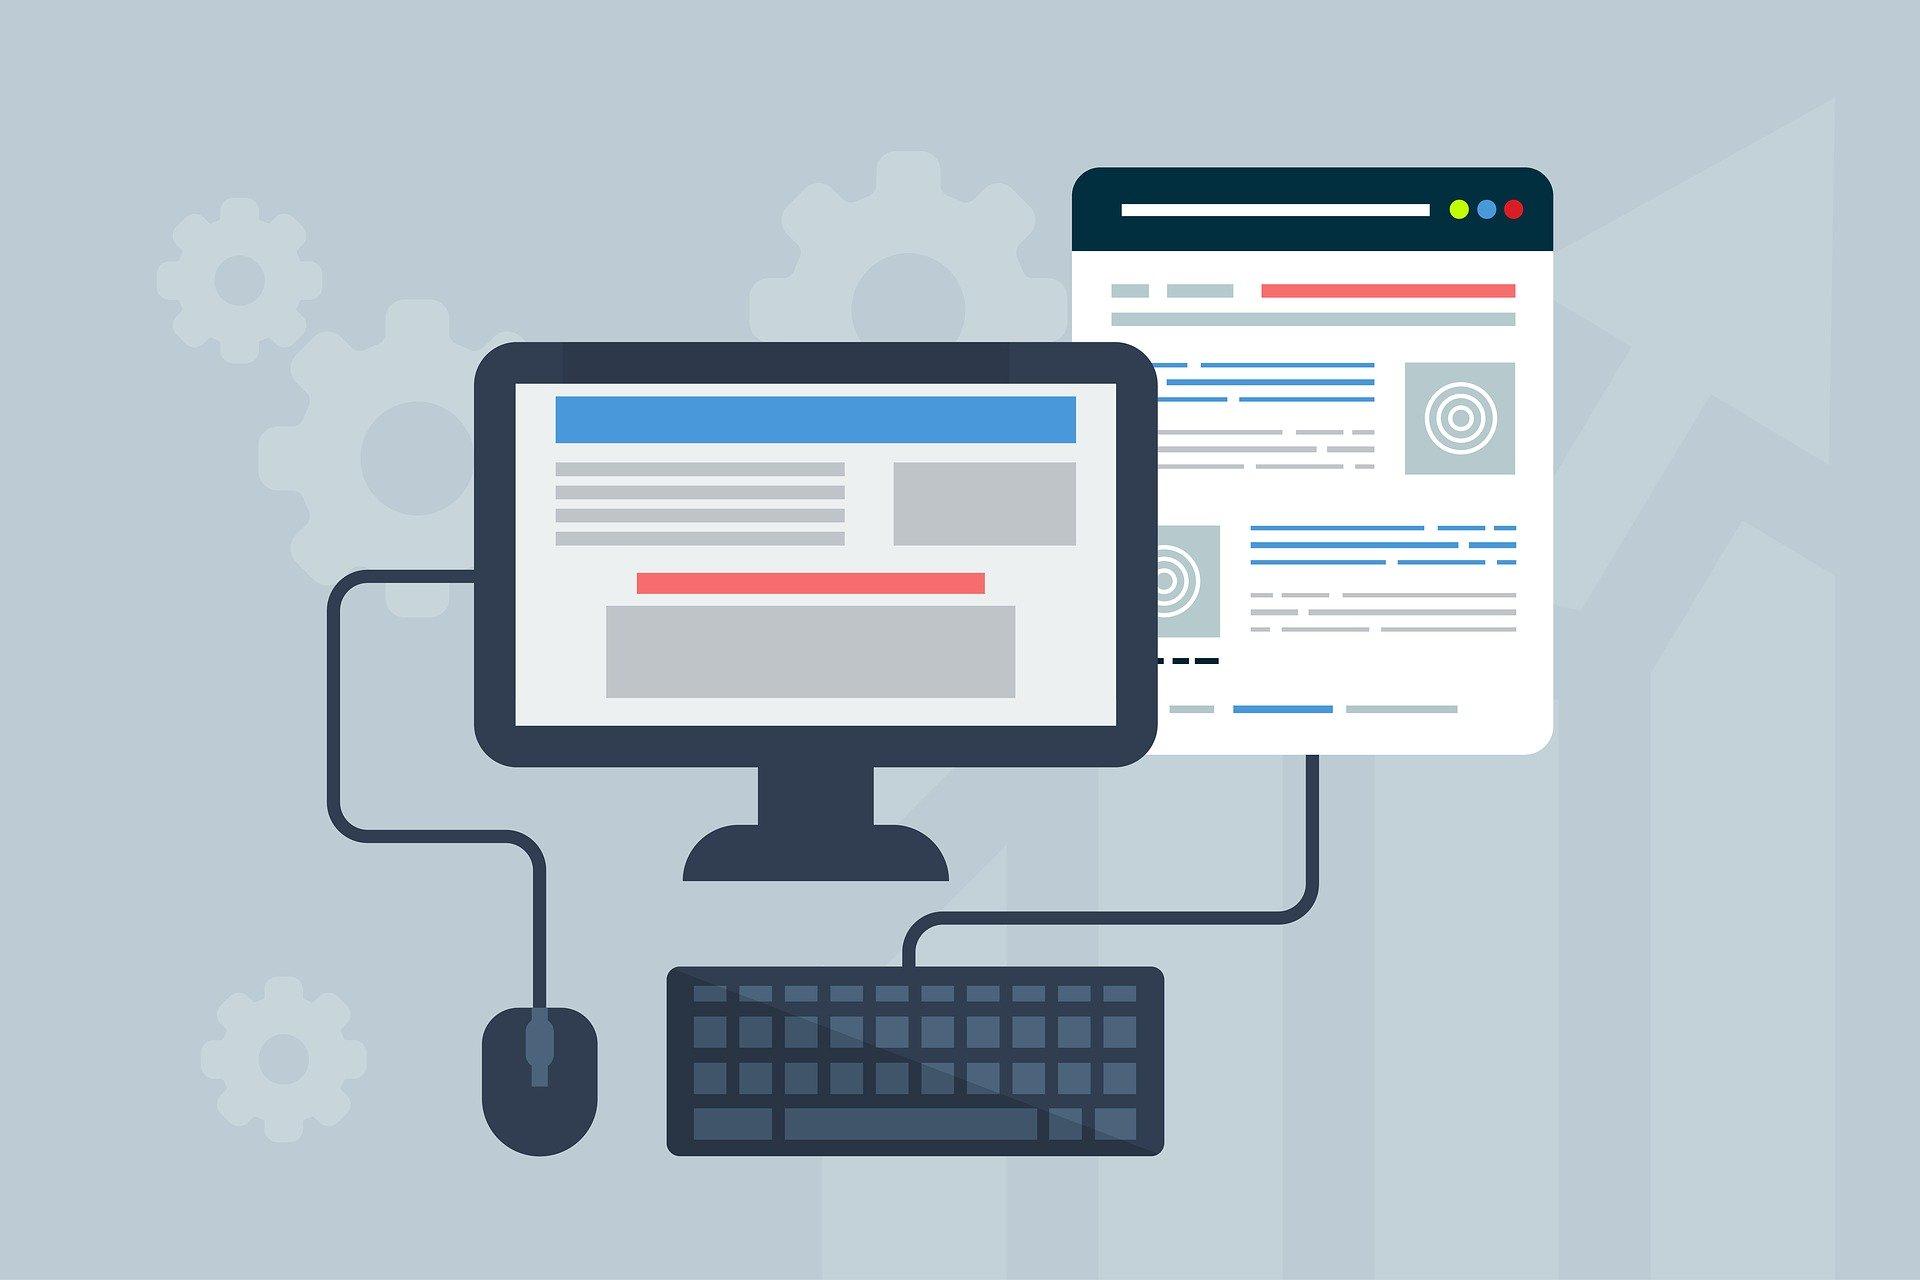 Правила заполнения бланка заявления | контент-платформа pandia.ru